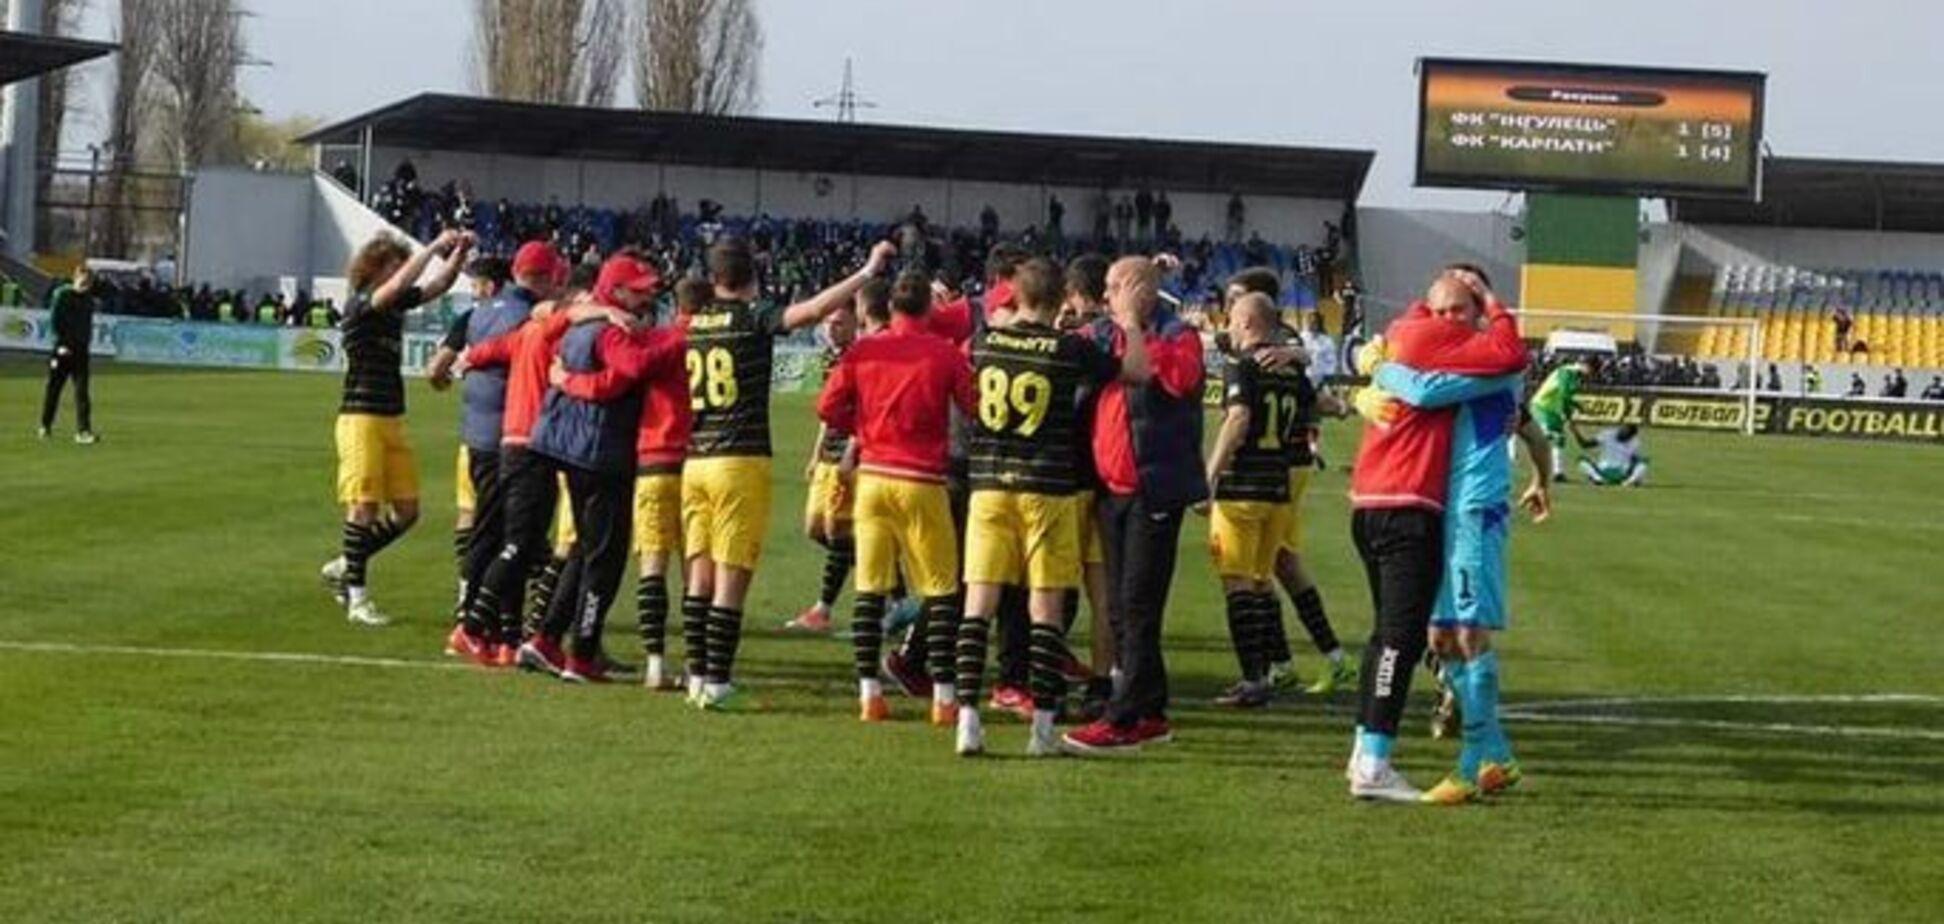 Впервые в истории! Полуфинал Кубка Украины по футболу завершился грандиозной сенсацией